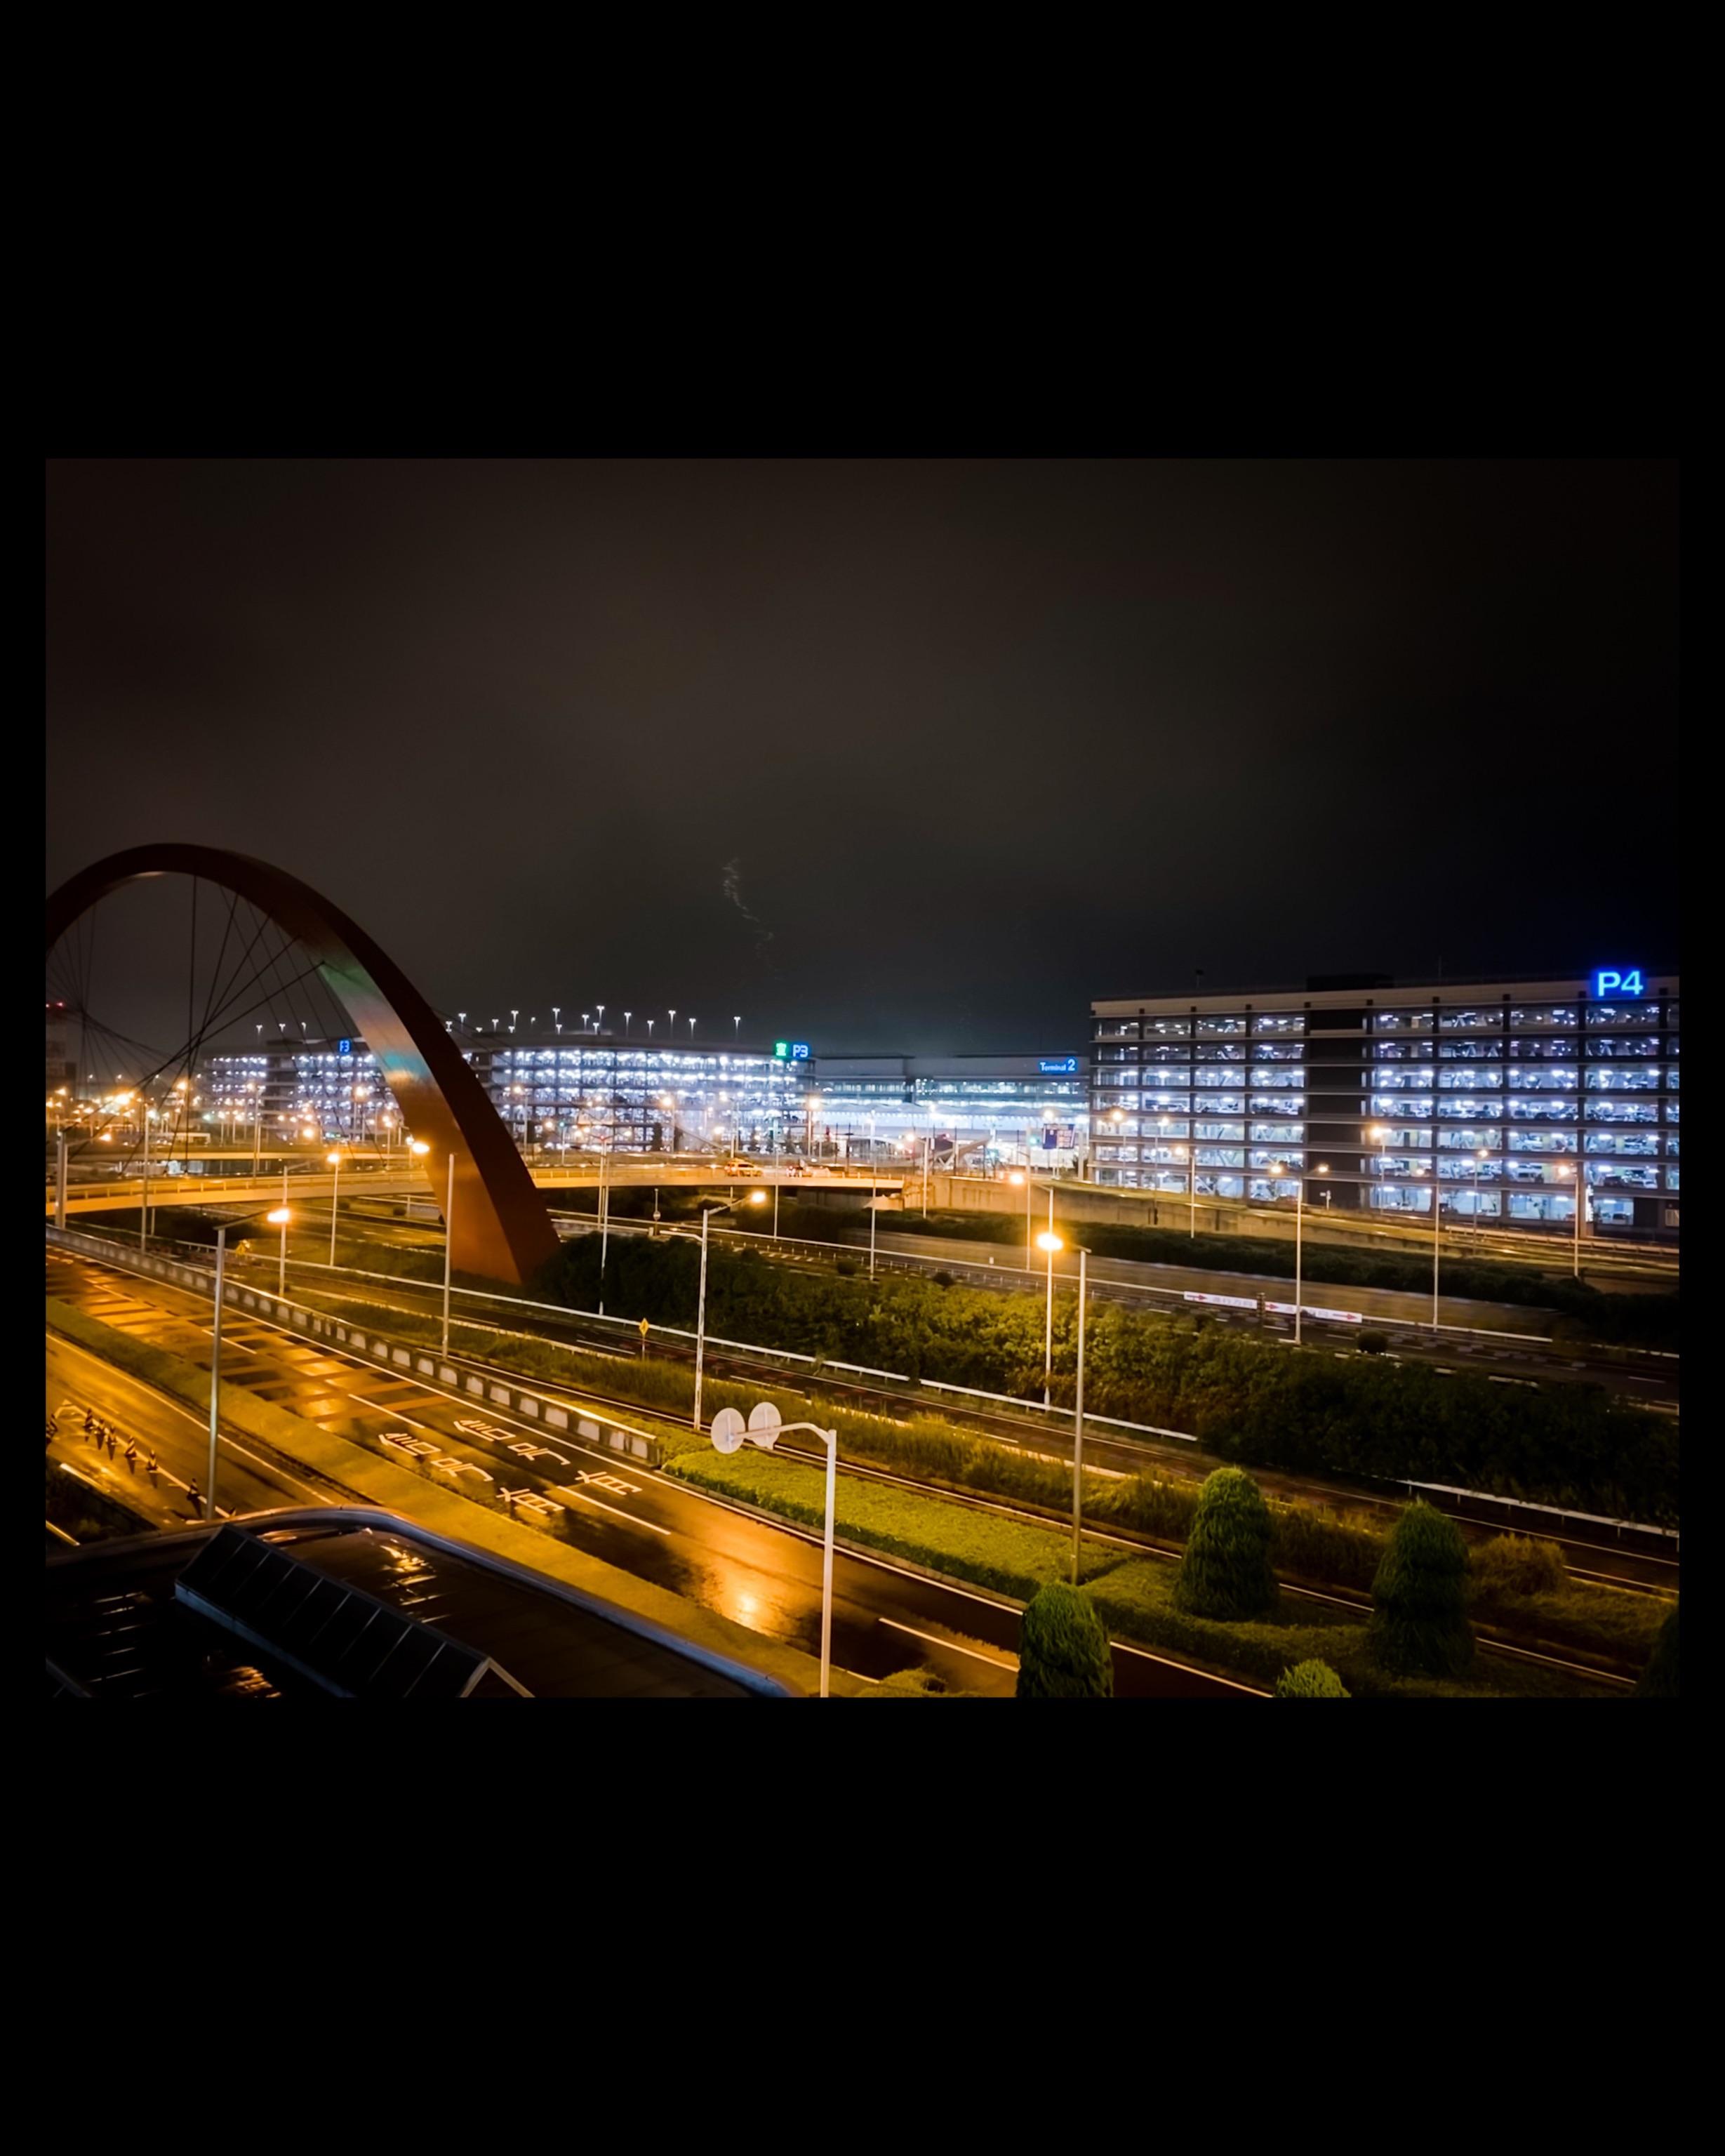 f:id:jette_photo-club:20210907182924j:image